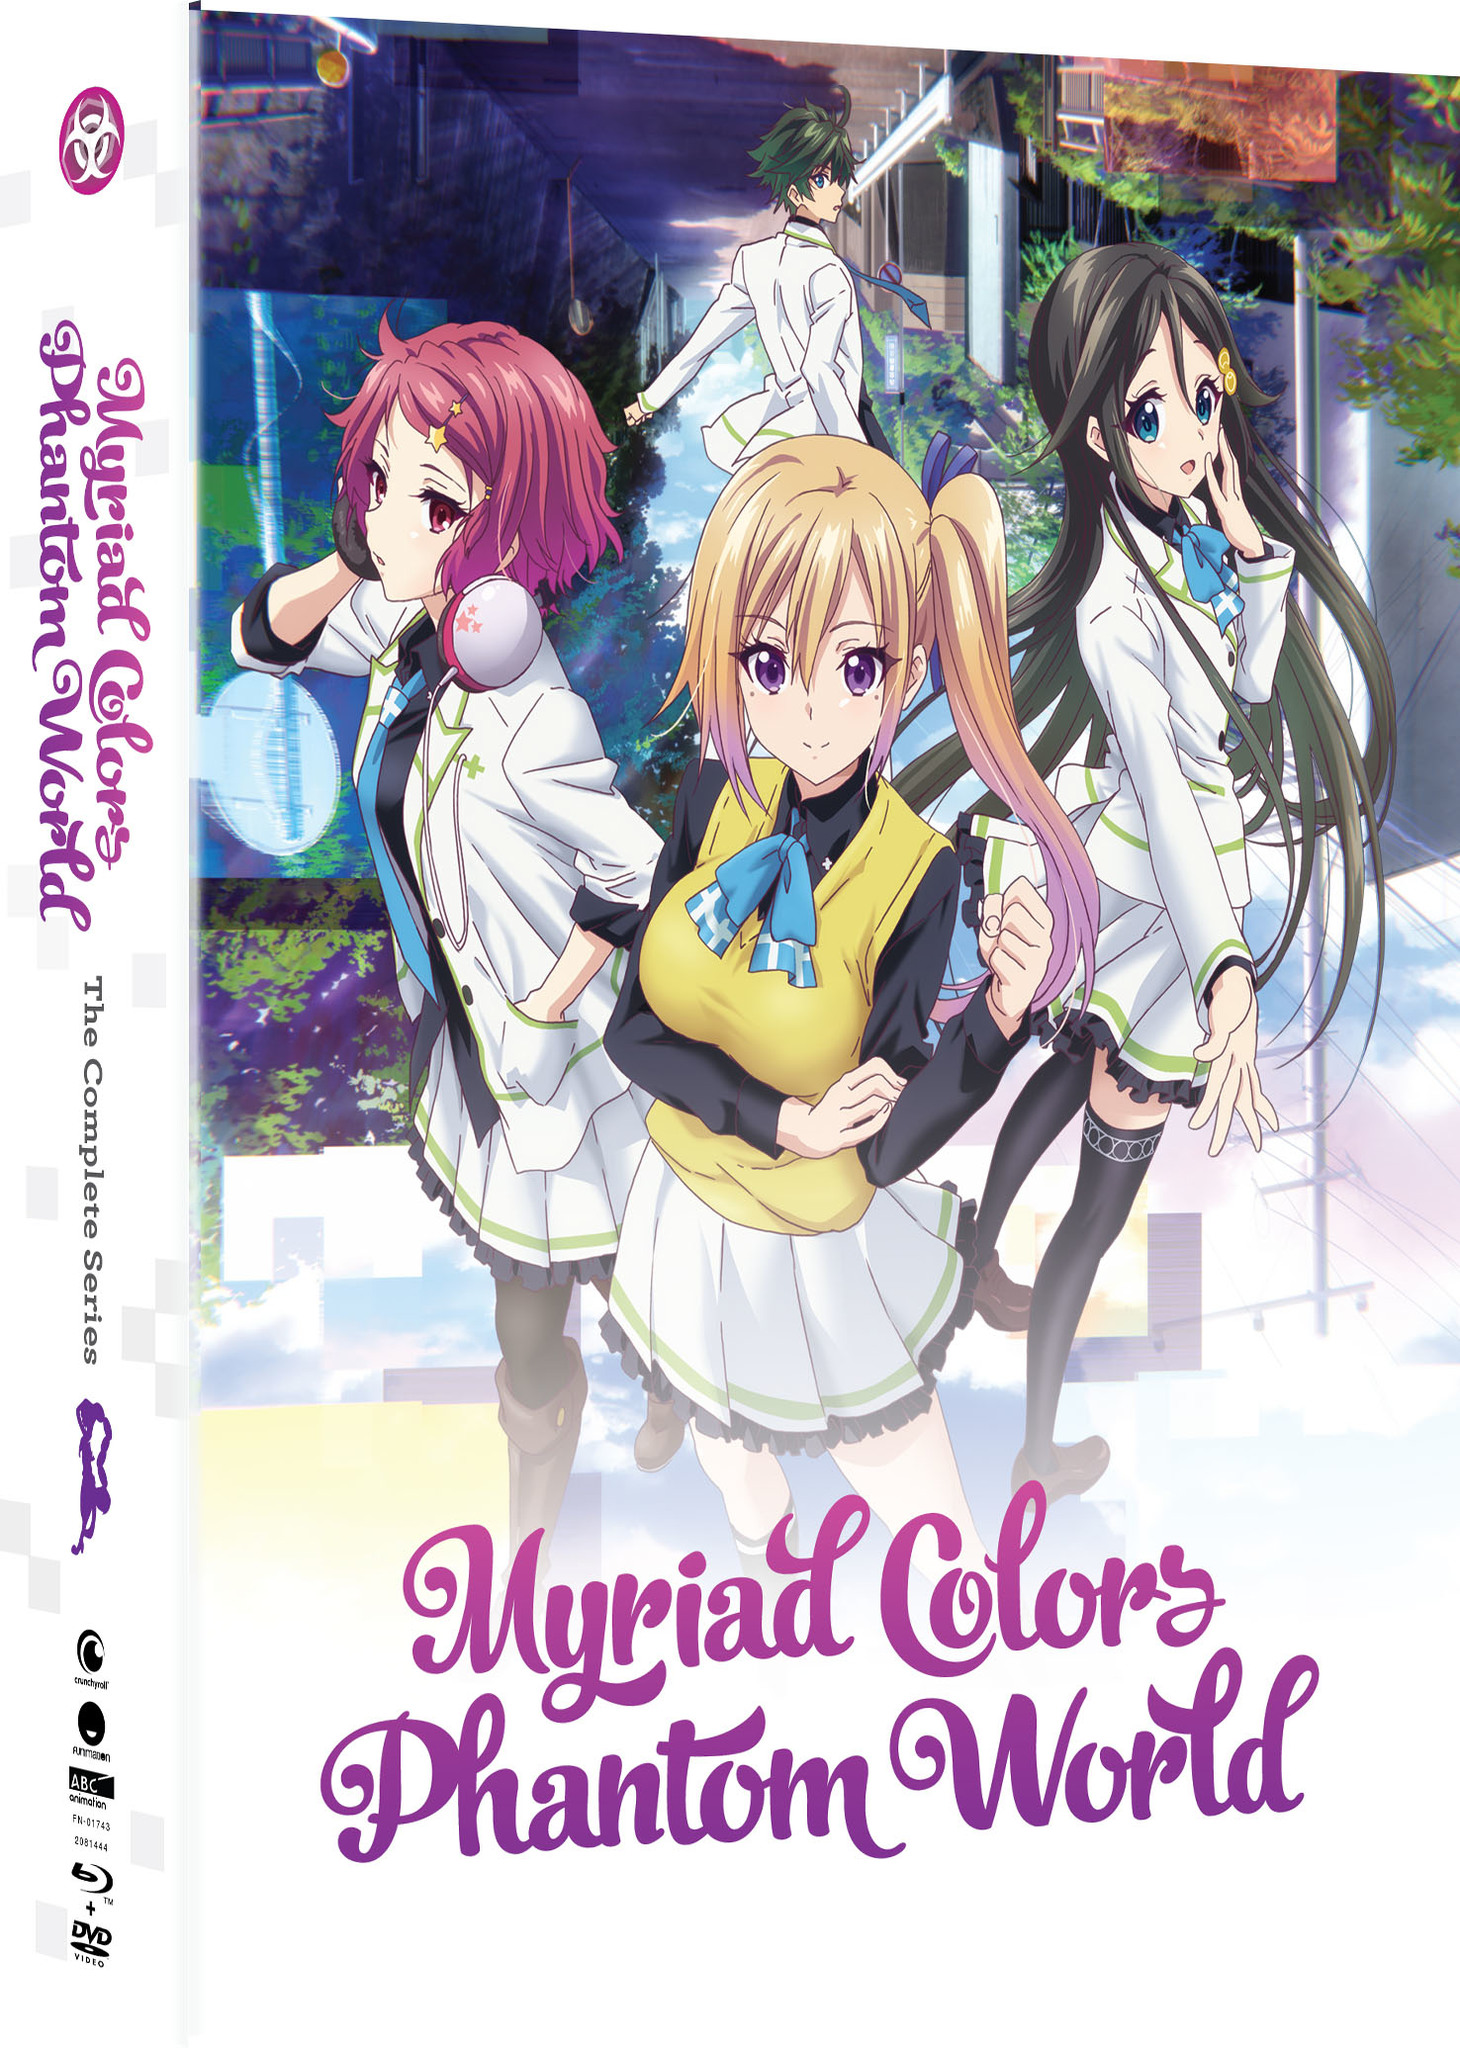 Myriad Colors Phantom World Limited Edition Blu-ray/DVD